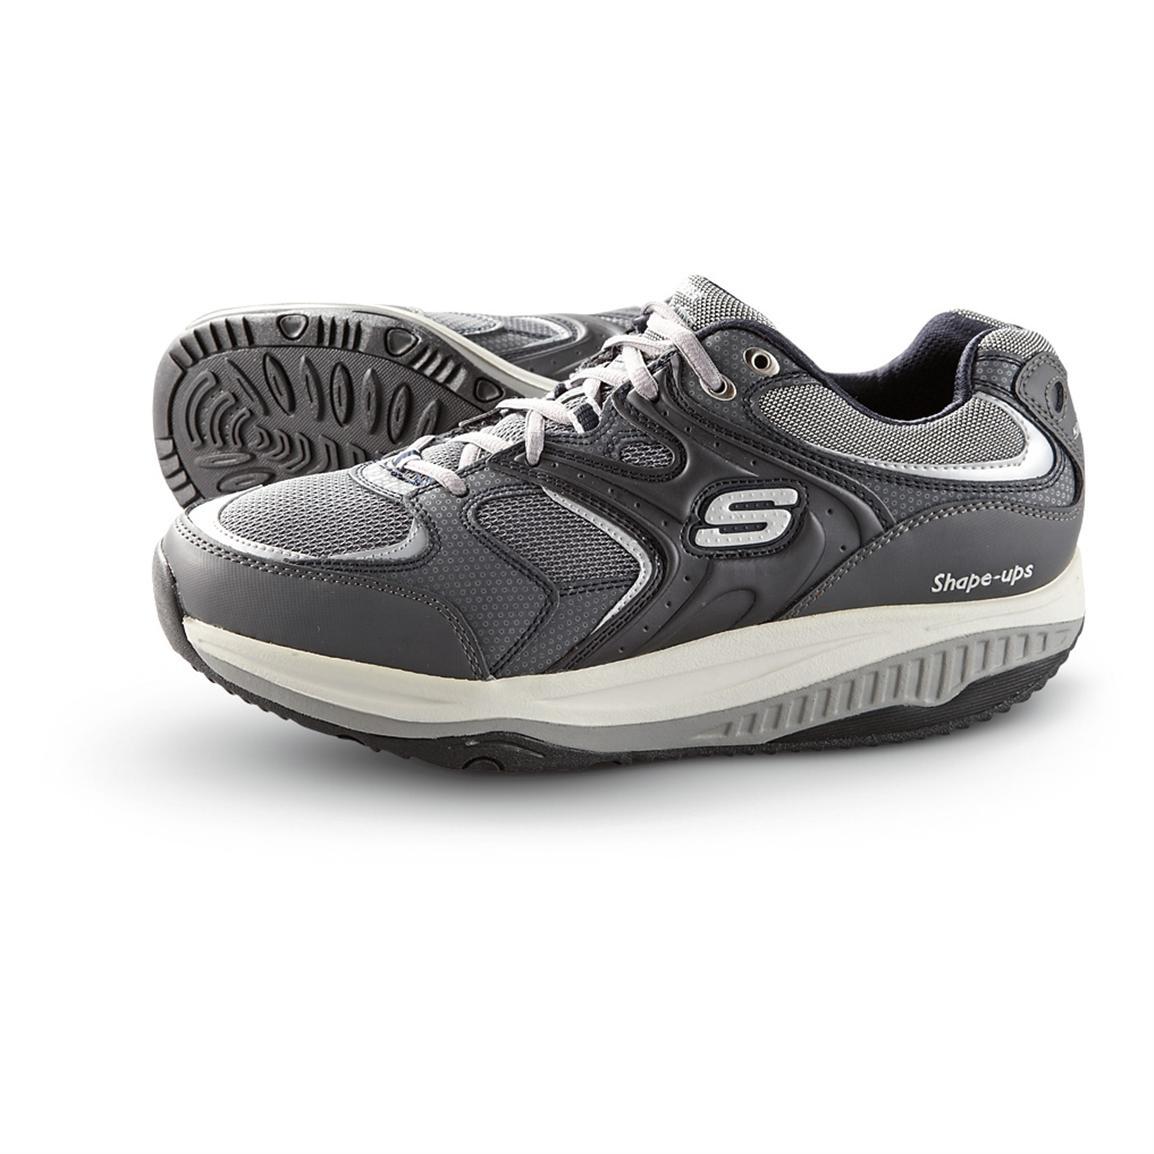 skechers walking shoes menu0027s skechers® shape-ups® xt™ talas walking shoes, navy / silver XJOOXNZ